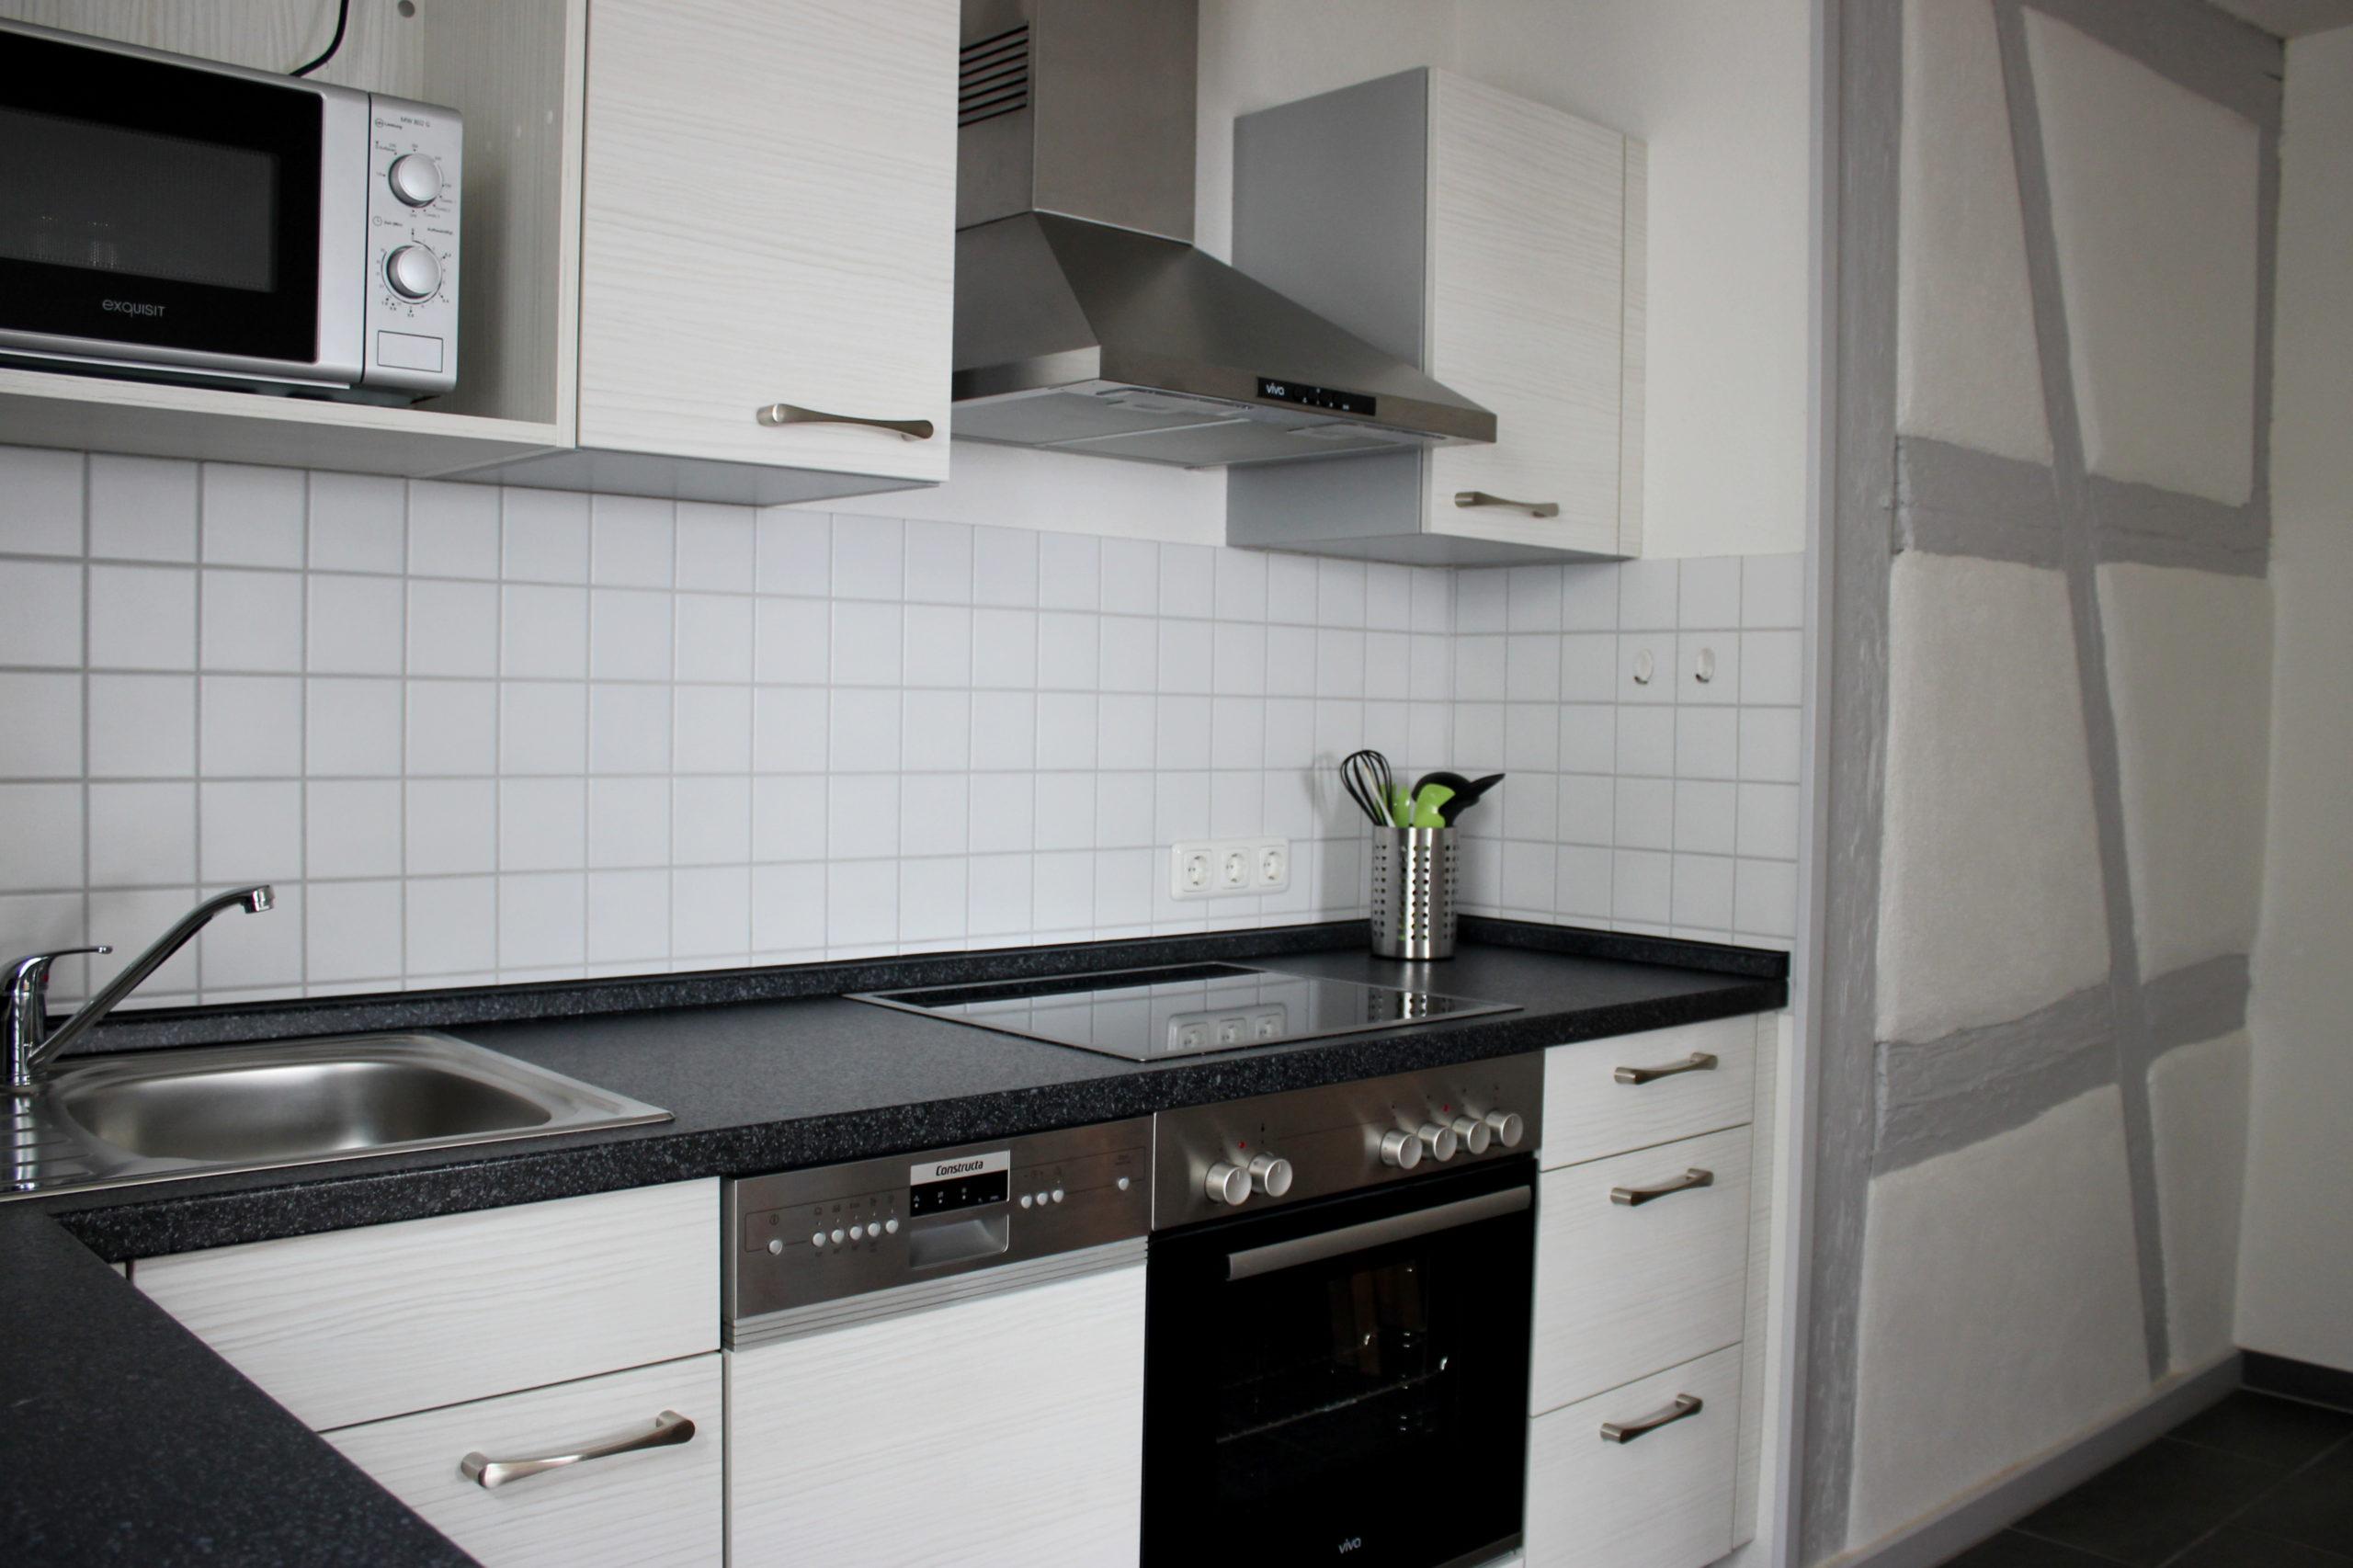 Geräumige Küchenzeile mit allem, was man zum Kochen braucht